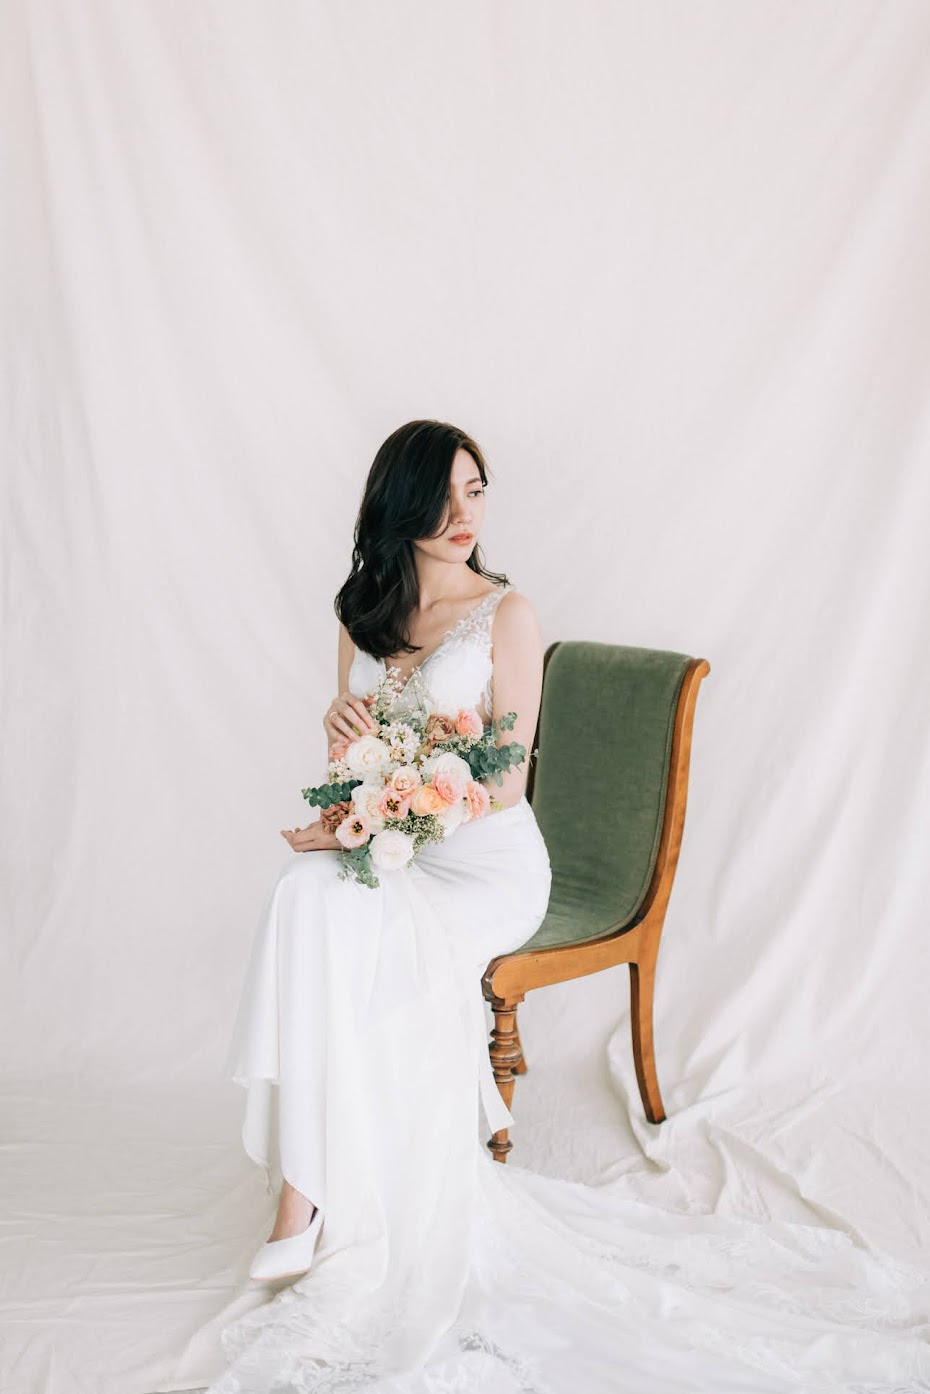 念念婚紗 | Dennis + Felicia Engagement | 優雅簡約美式逐光婚紗